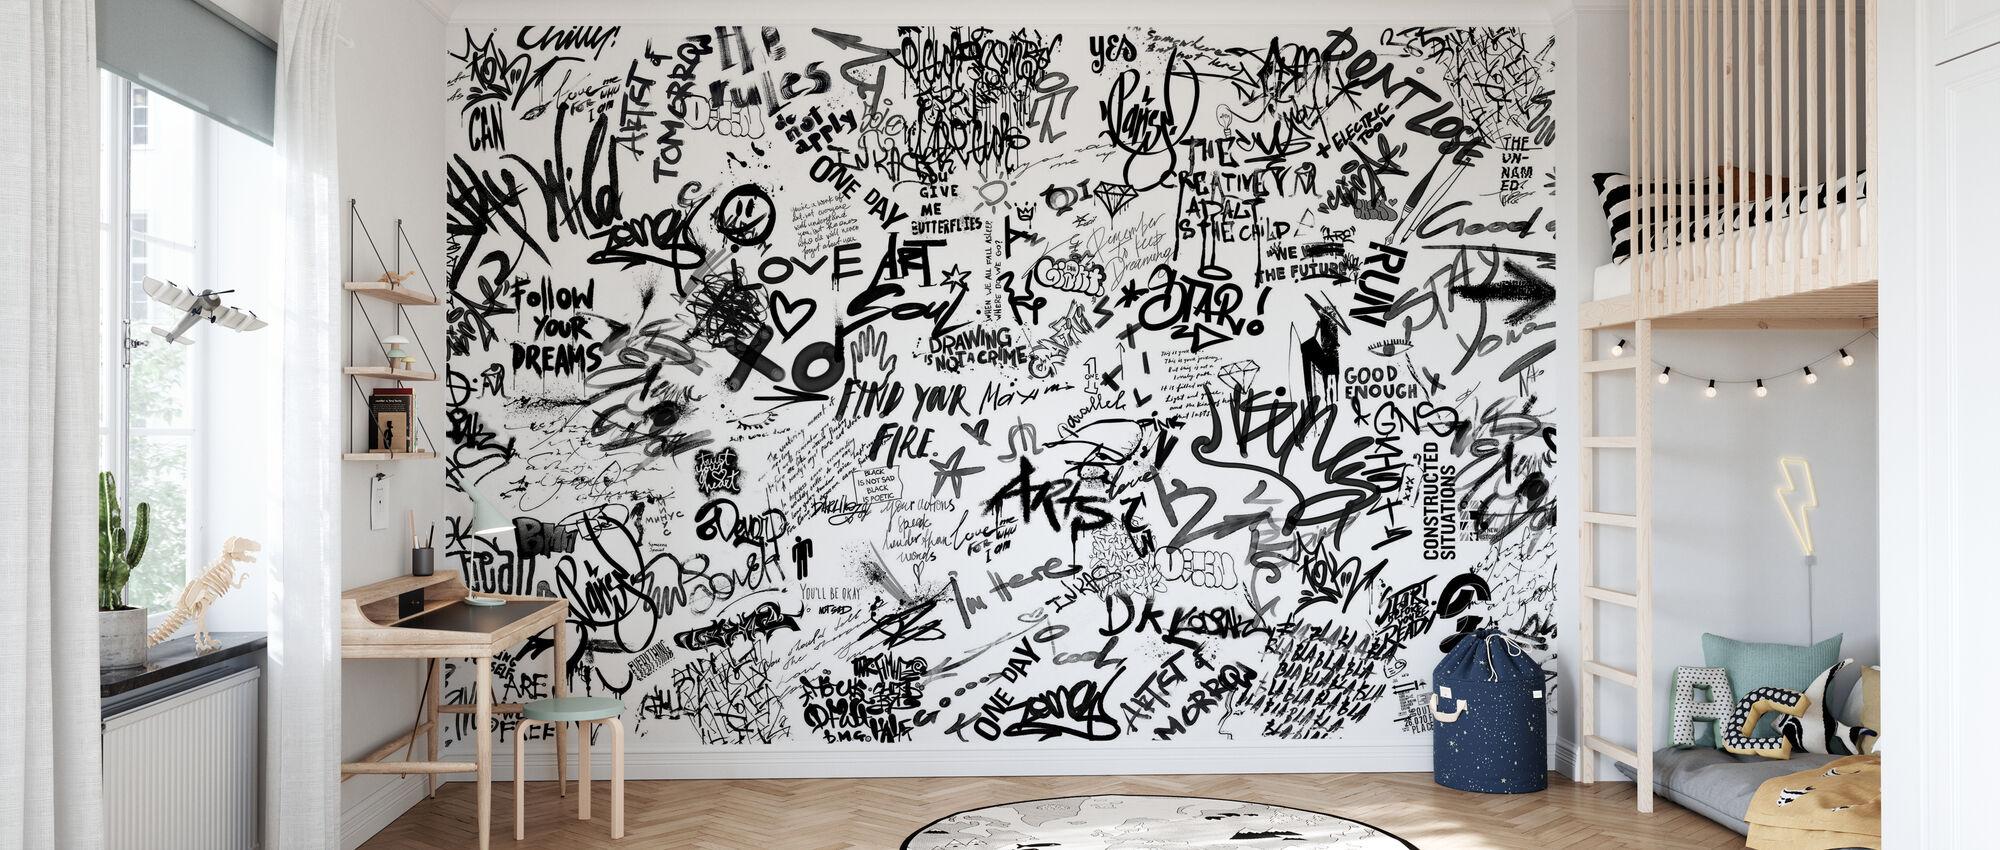 Arte callejero Poesía - Bw - Papel pintado - Cuarto de niños